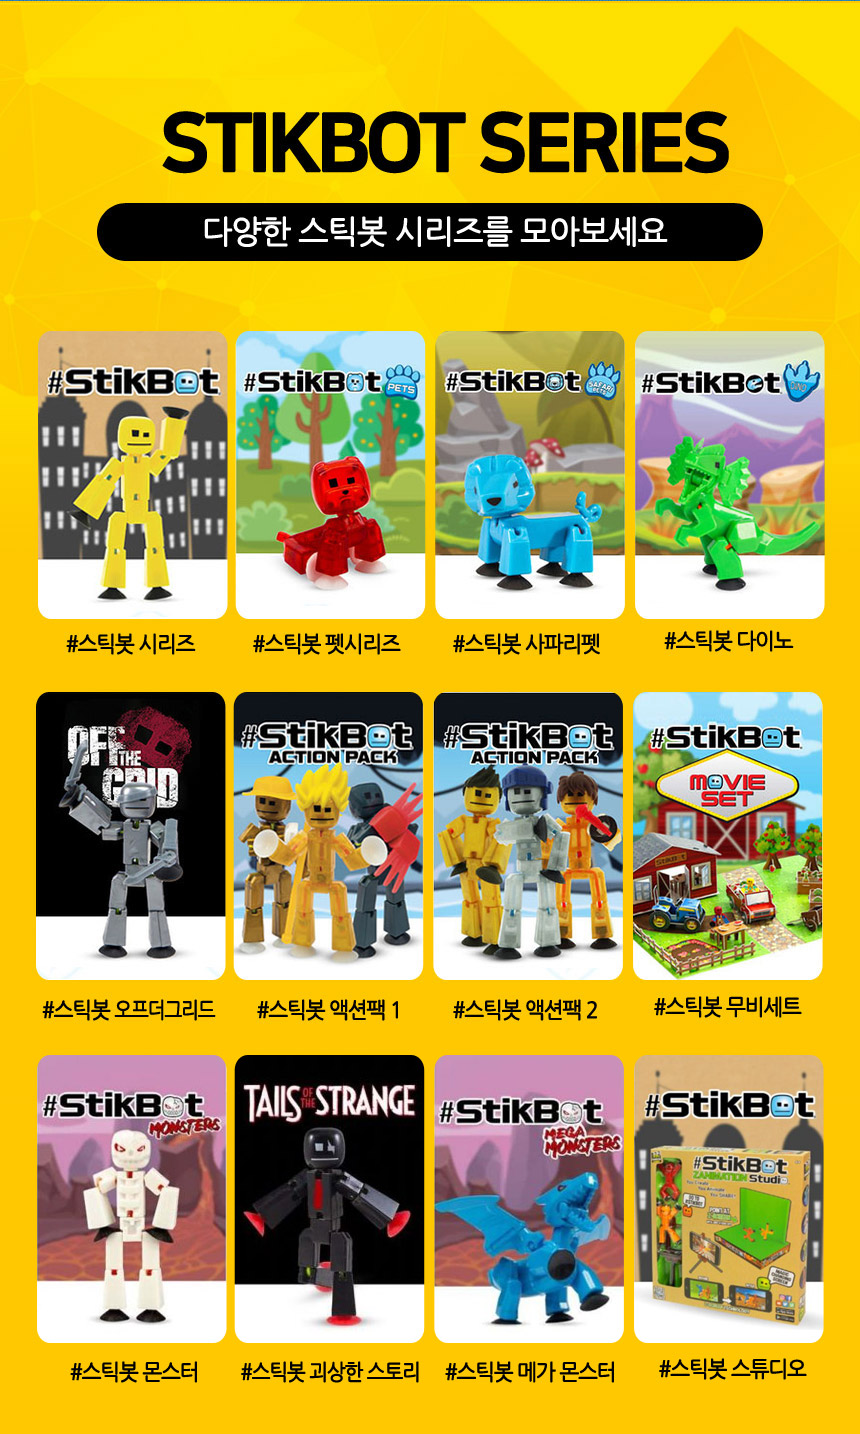 (정식수입품) 스틱봇 롤플레이 (랜덤) - 스틱봇, 13,800원, 기타 피규어, 기타 피규어